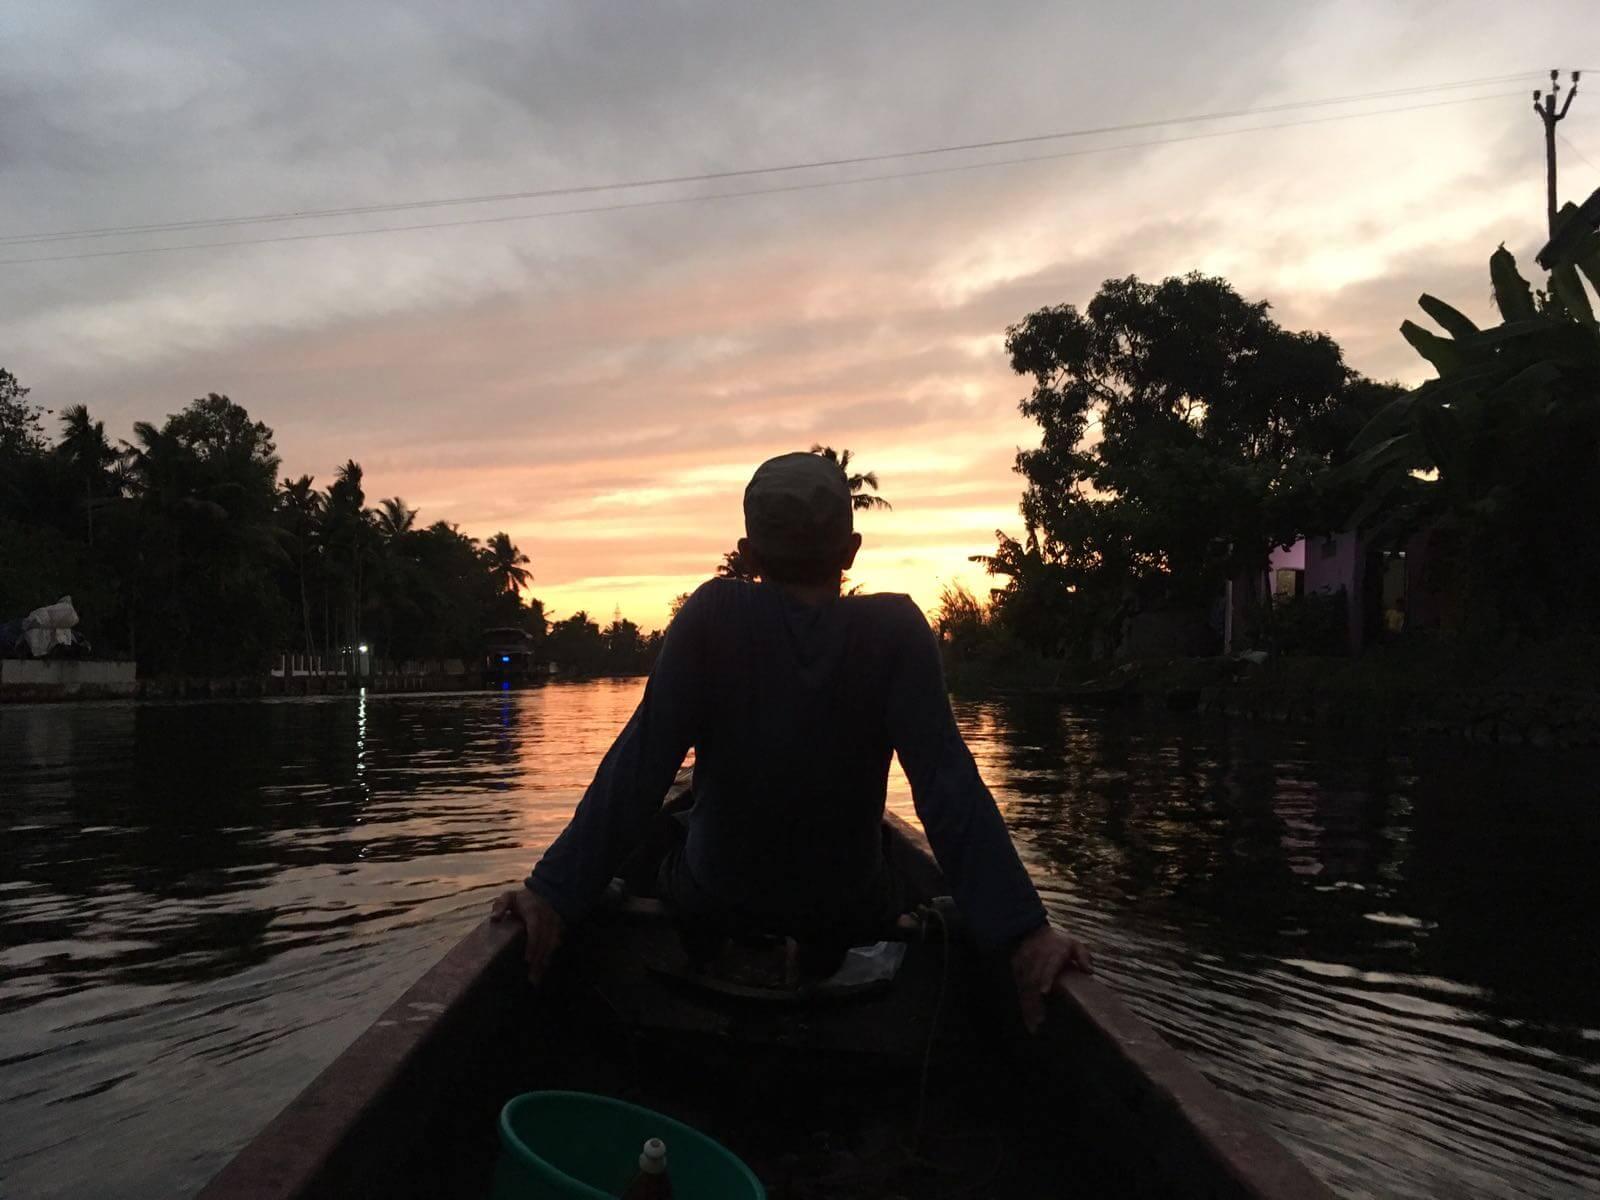 Sonnenuntergang als Abschluss einer entspannten Tour auf den Backwaters in Indien